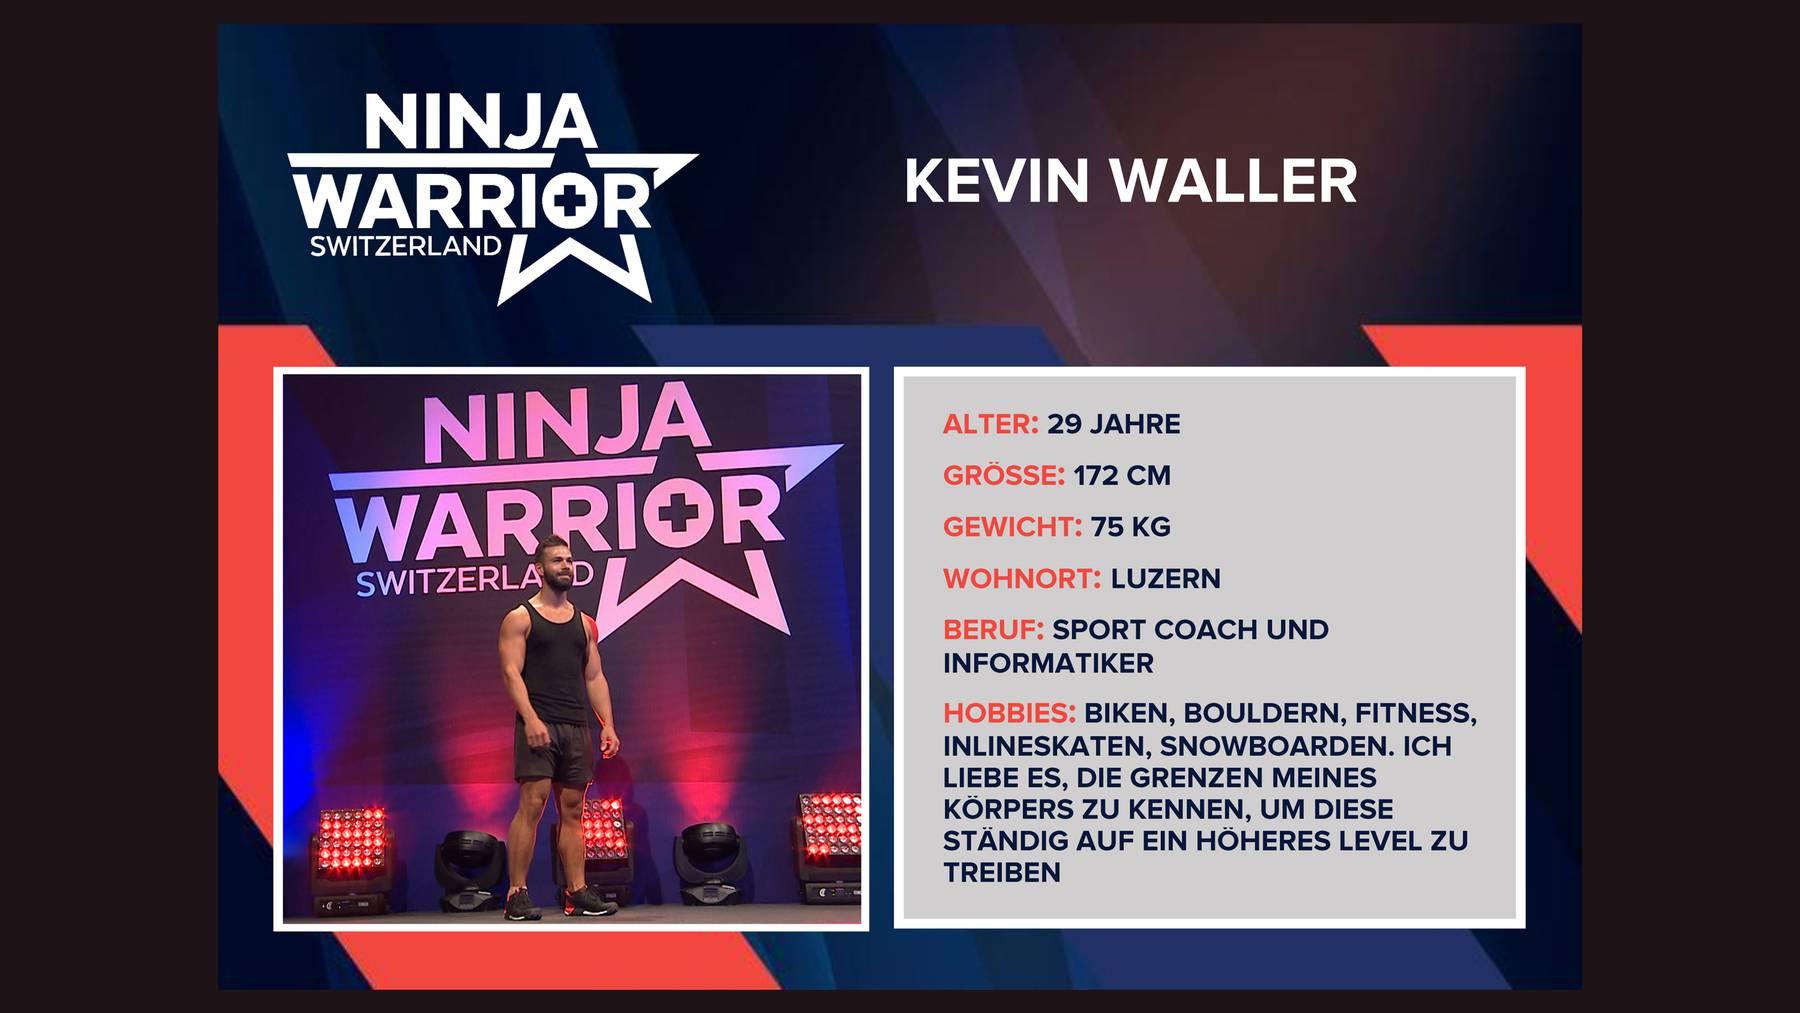 Kevin Waller